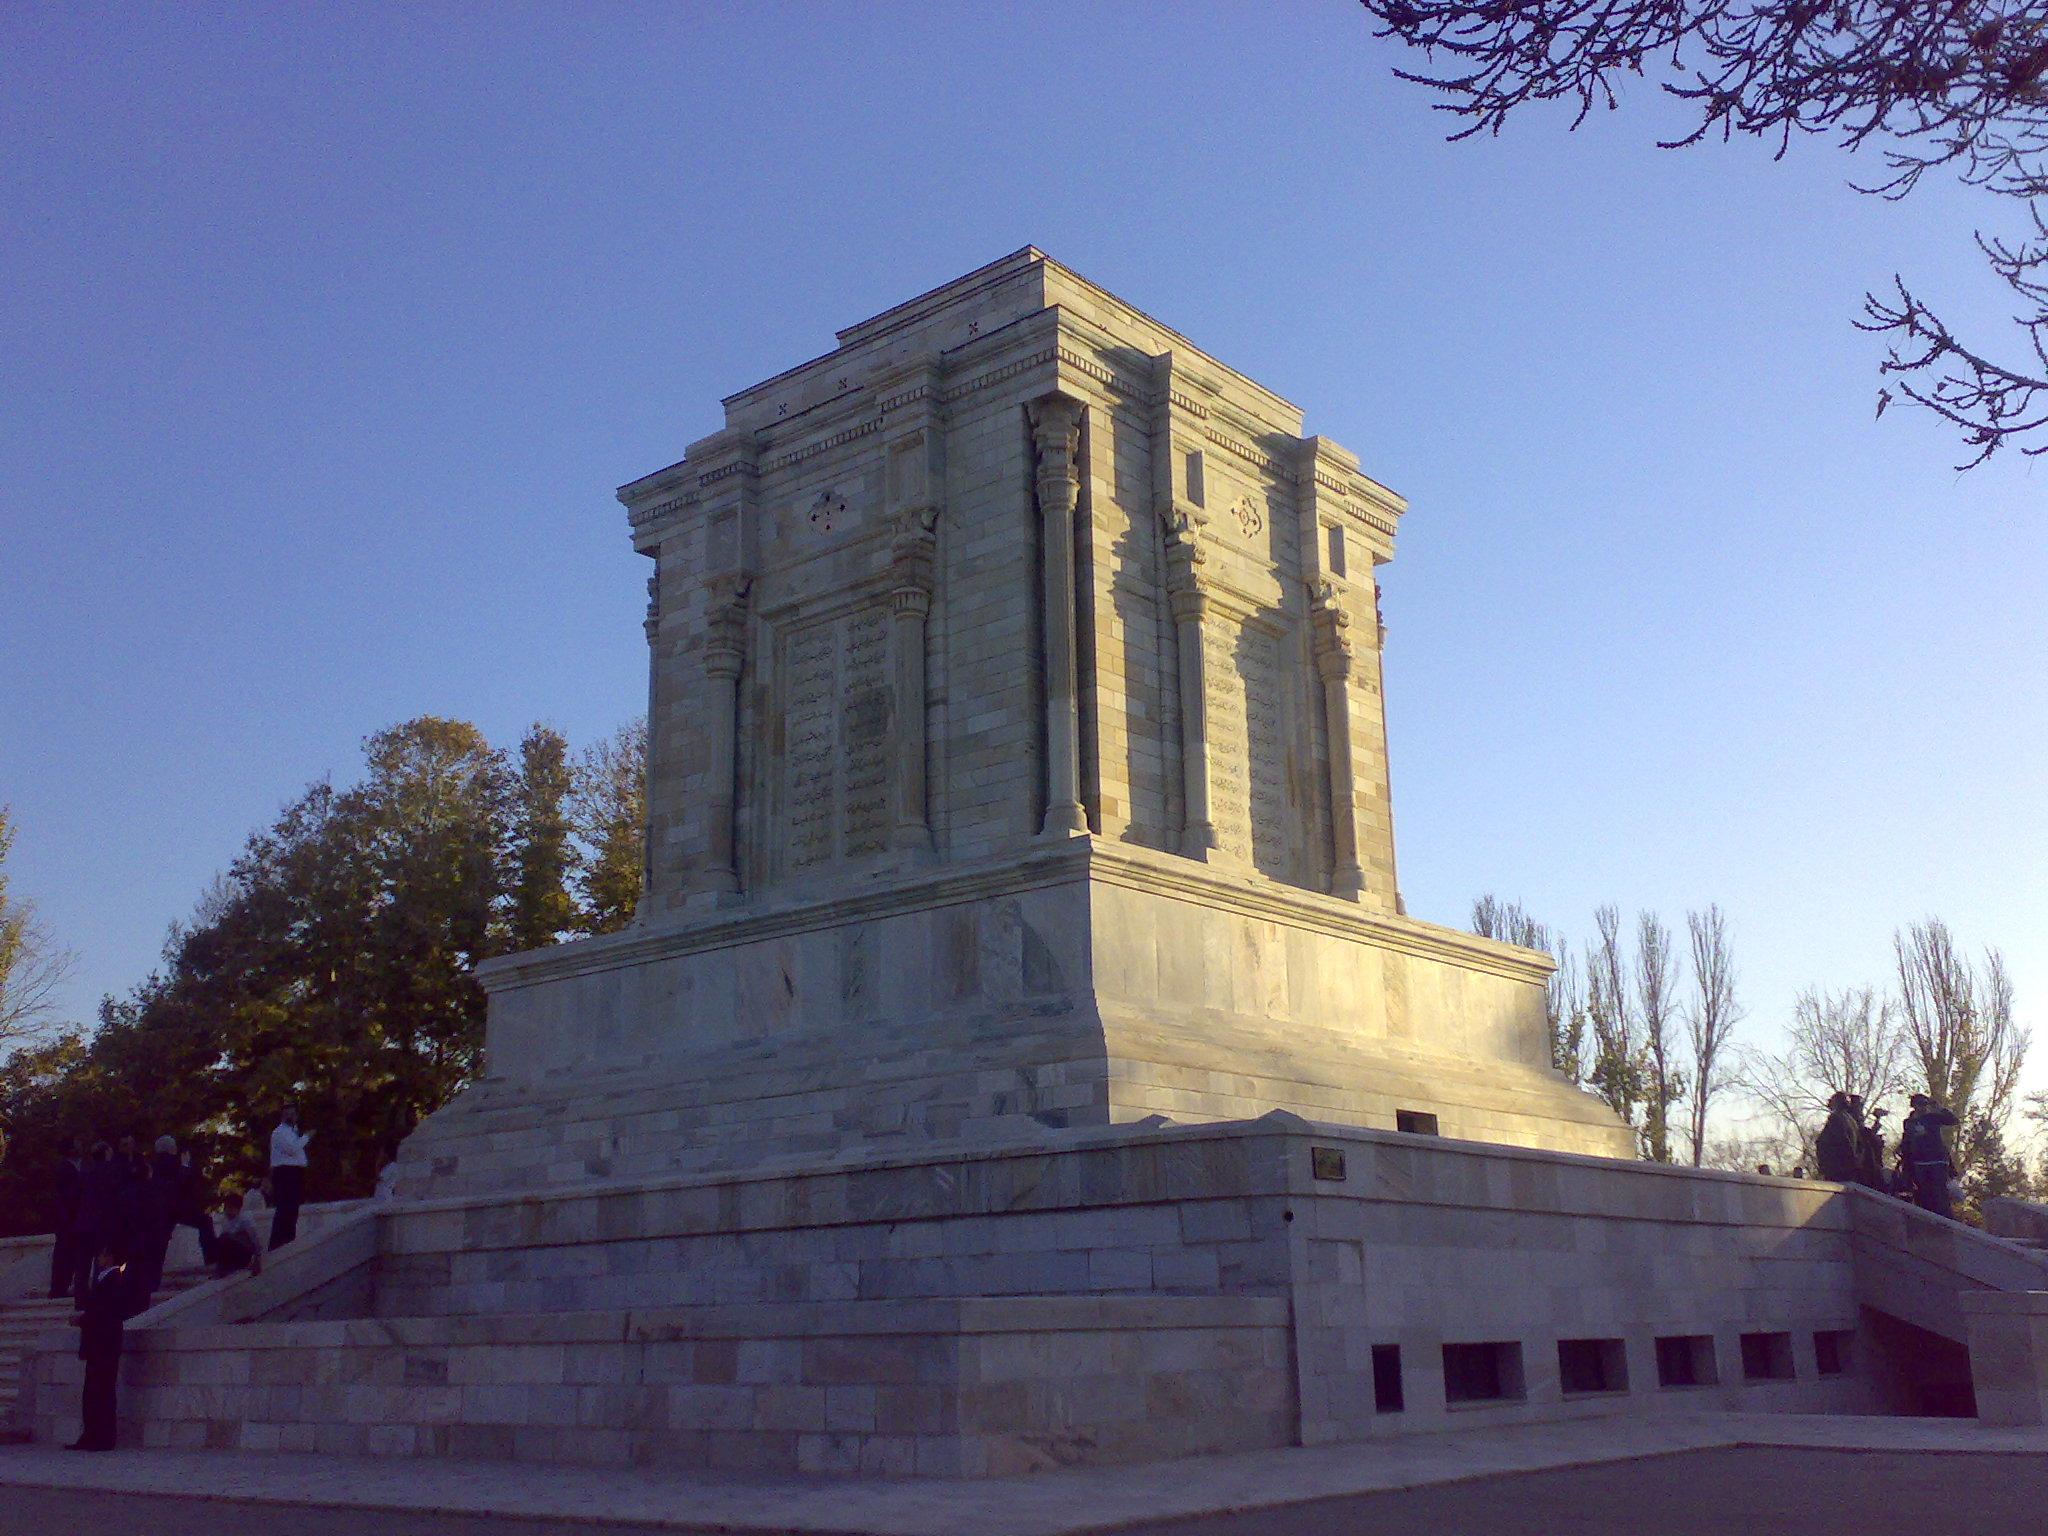 firdevsi anıt mezarı